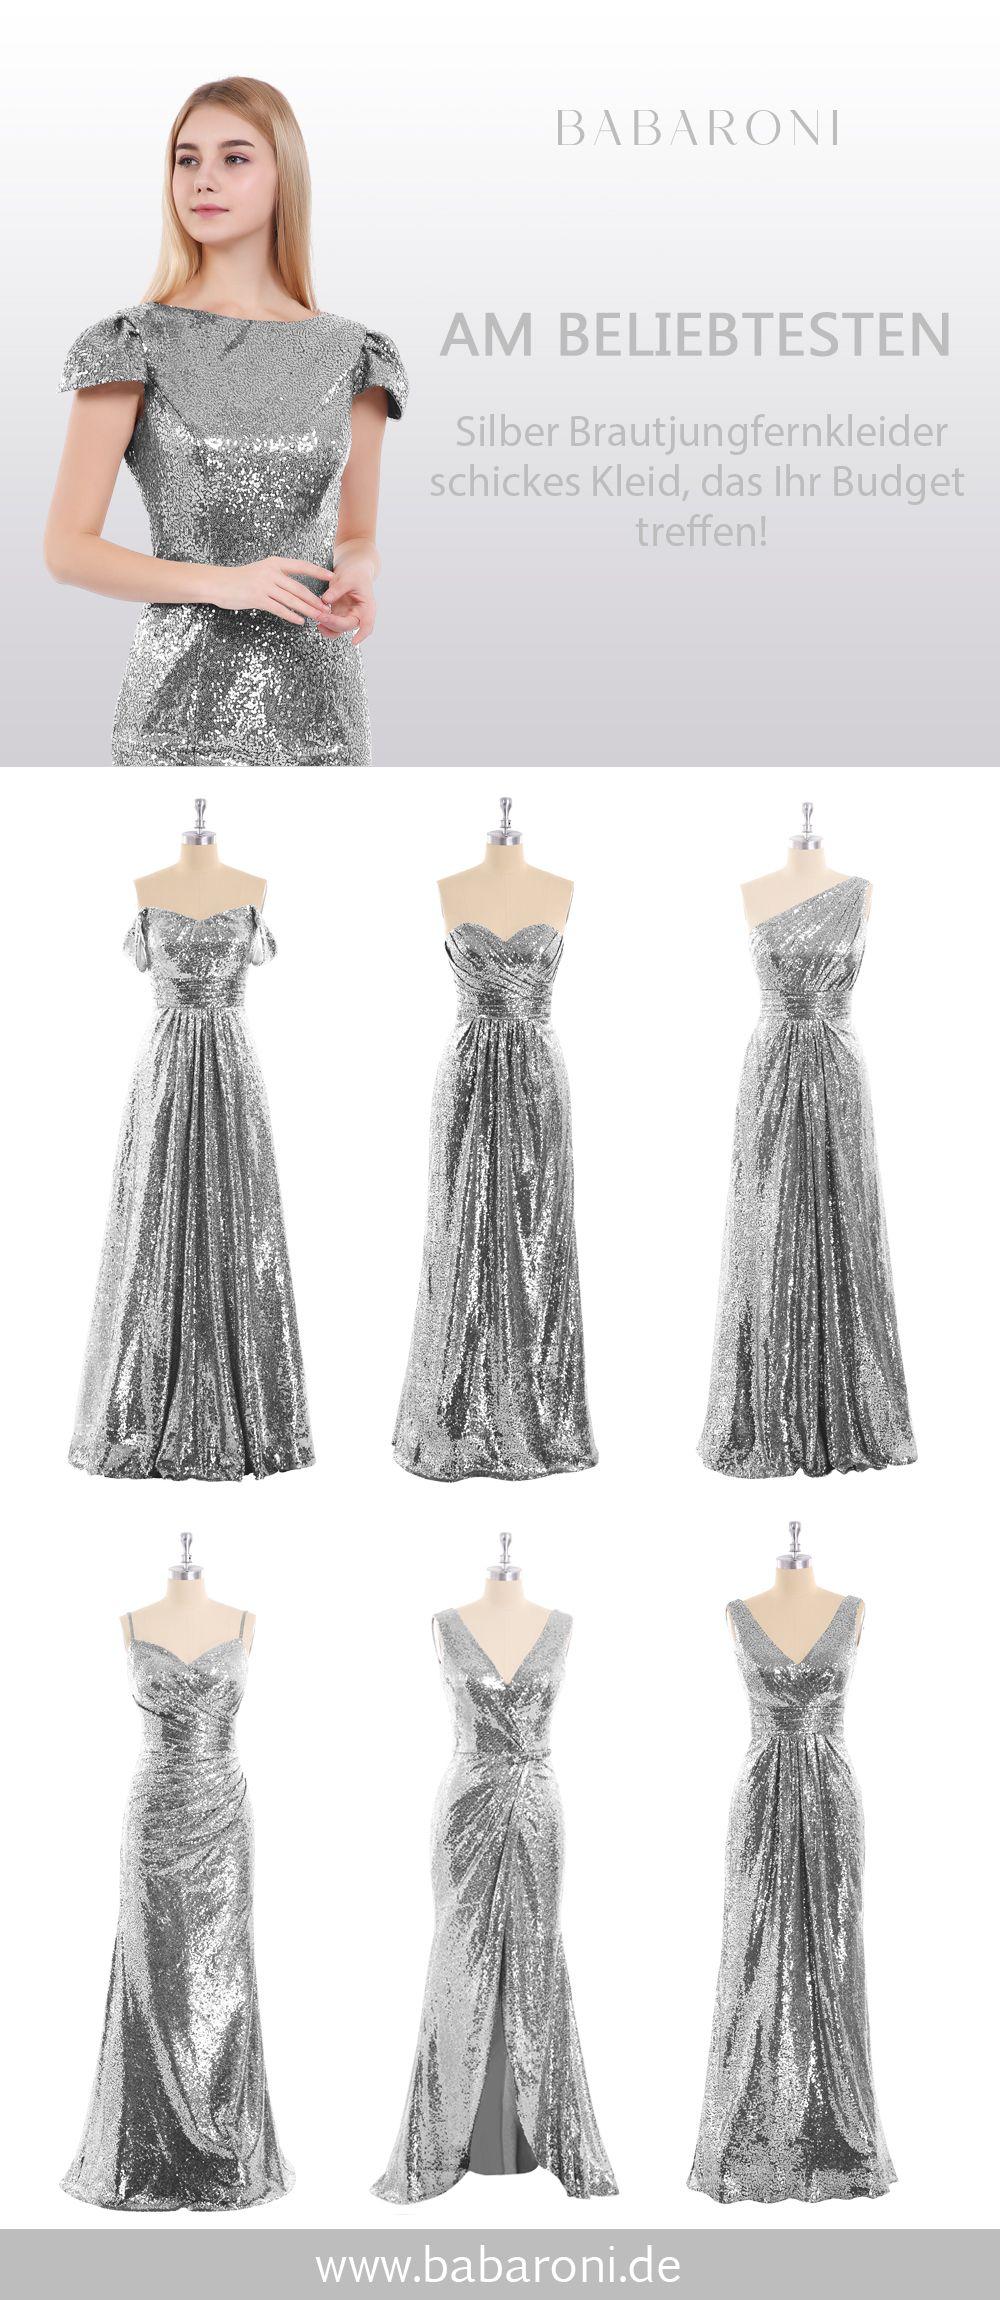 Brautjungfernkleider  Brautjungfernkleider, Pailletten kleid